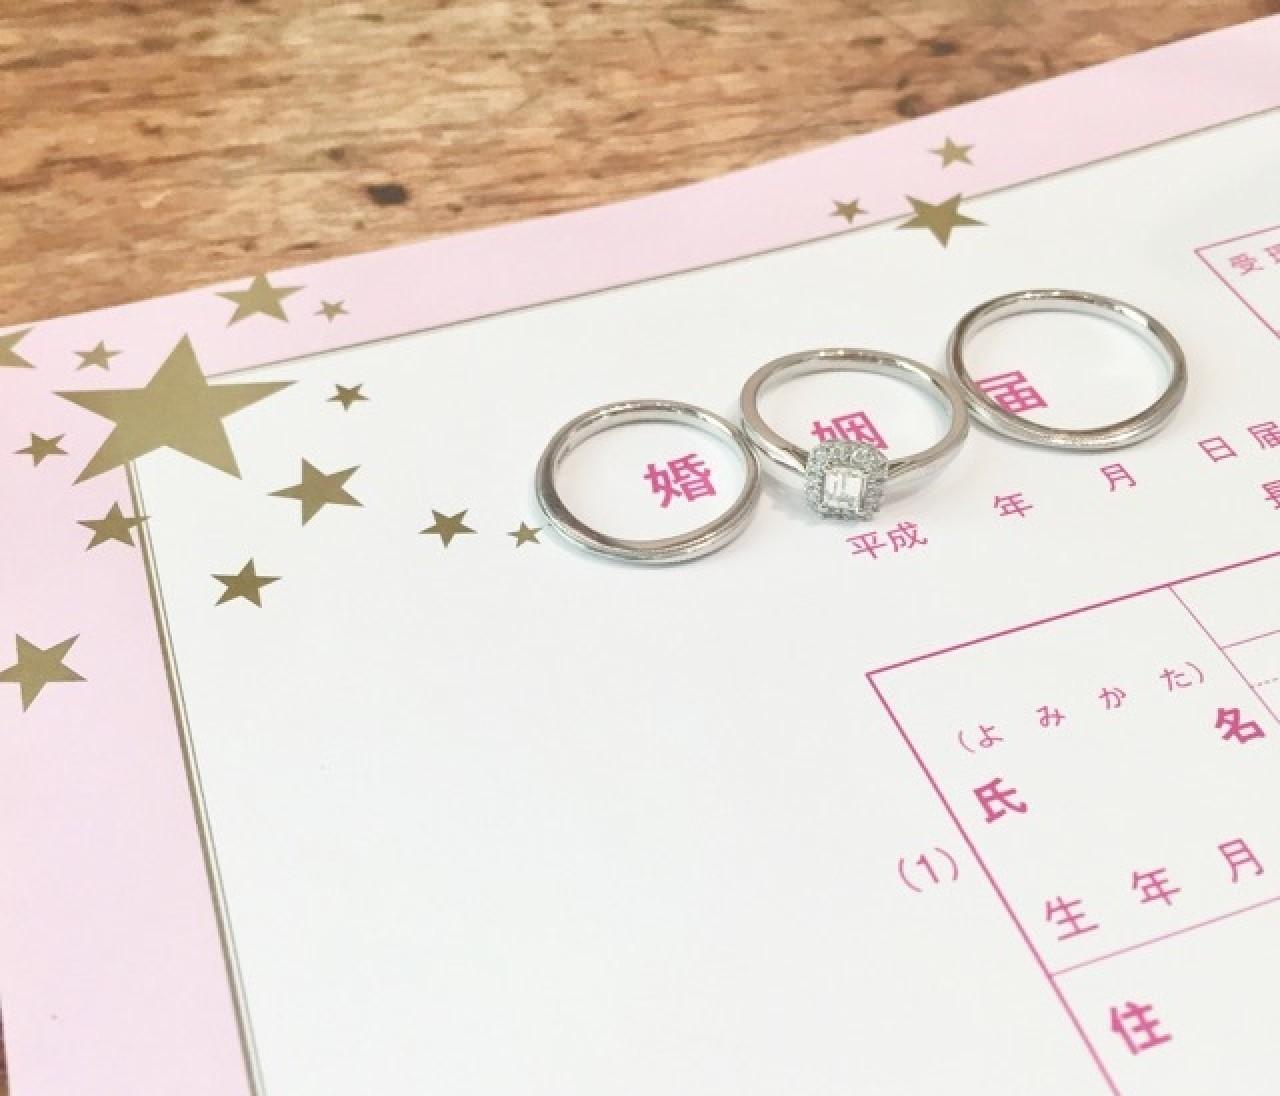 発売中 ♡【ときめきトゥナイト×BAILAコラボ婚姻届】を思いっきり楽しむ方法